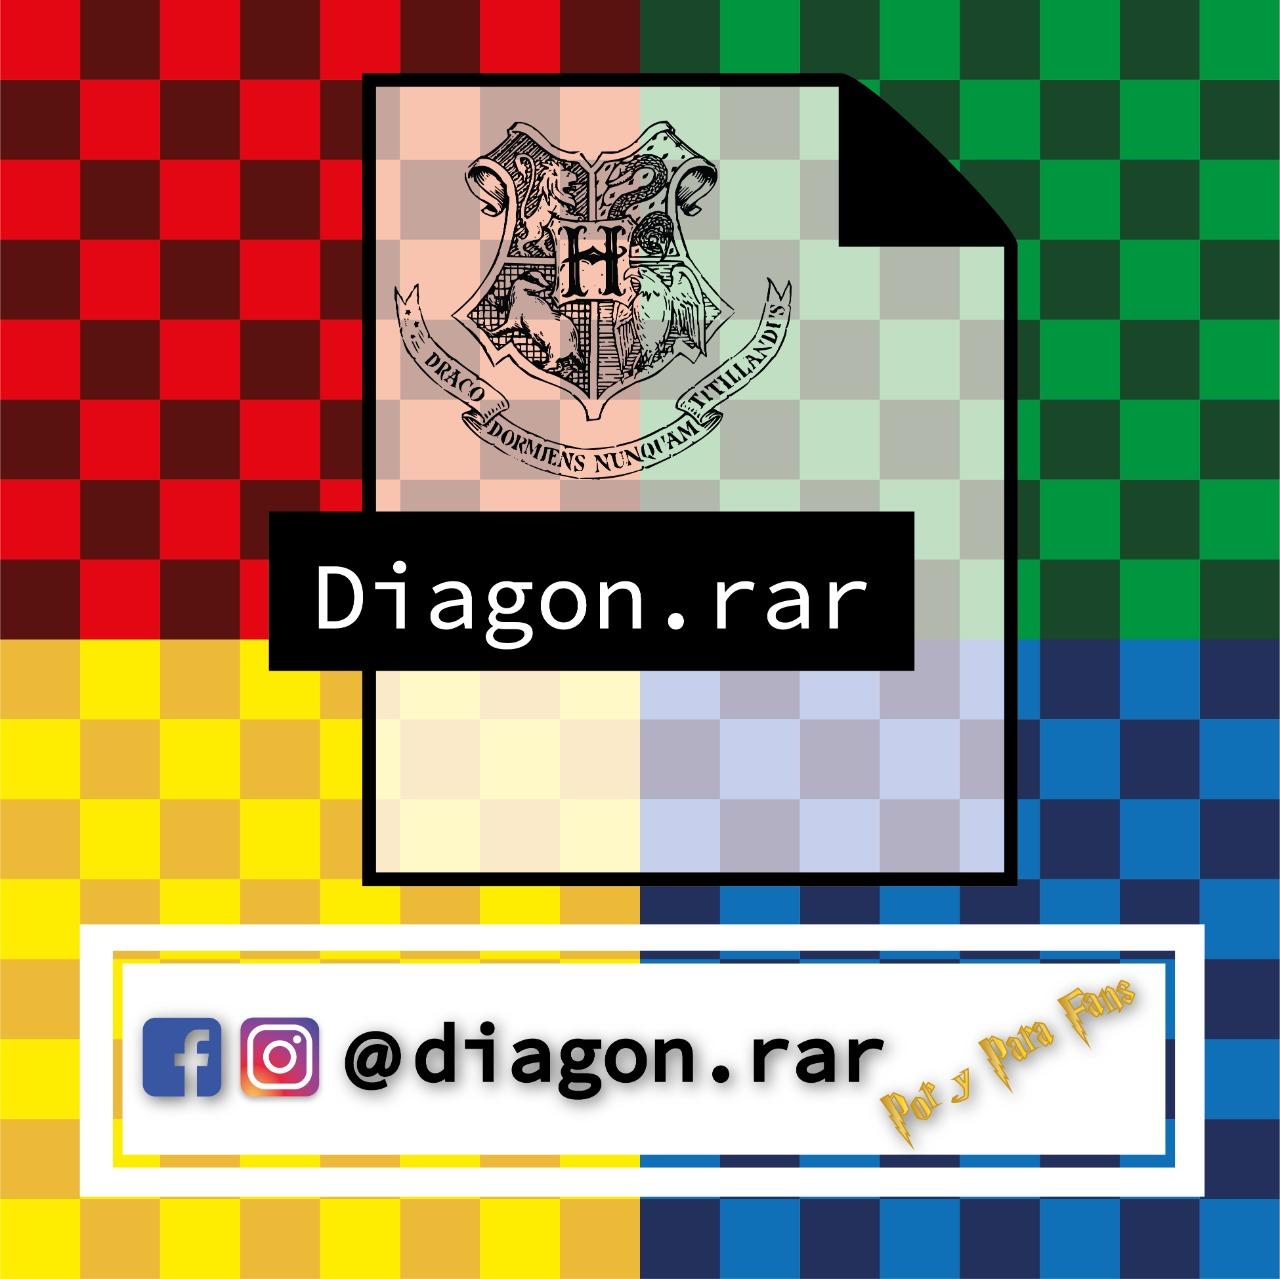 diagon.rar